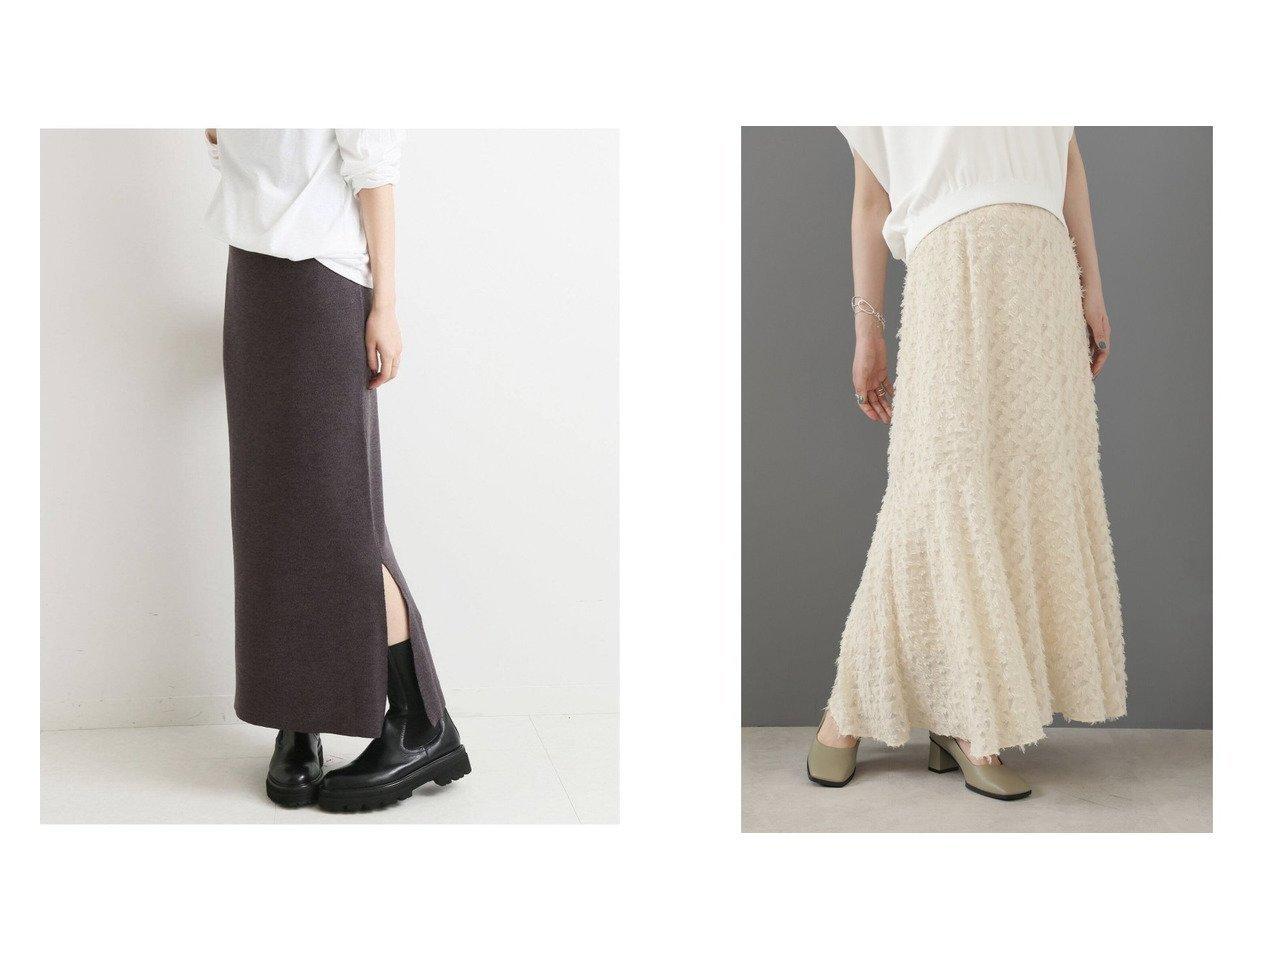 【ROSE BUD/ローズバッド】のカットジャカードマーメイドスカート&【IENA/イエナ】のWool三ツ杢スカート 【スカート】おすすめ!人気、トレンド・レディースファッションの通販 おすすめで人気の流行・トレンド、ファッションの通販商品 インテリア・家具・メンズファッション・キッズファッション・レディースファッション・服の通販 founy(ファニー) https://founy.com/ ファッション Fashion レディースファッション WOMEN スカート Skirt ロングスカート Long Skirt ジャカード フレア ベーシック 夏 Summer |ID:crp329100000070211